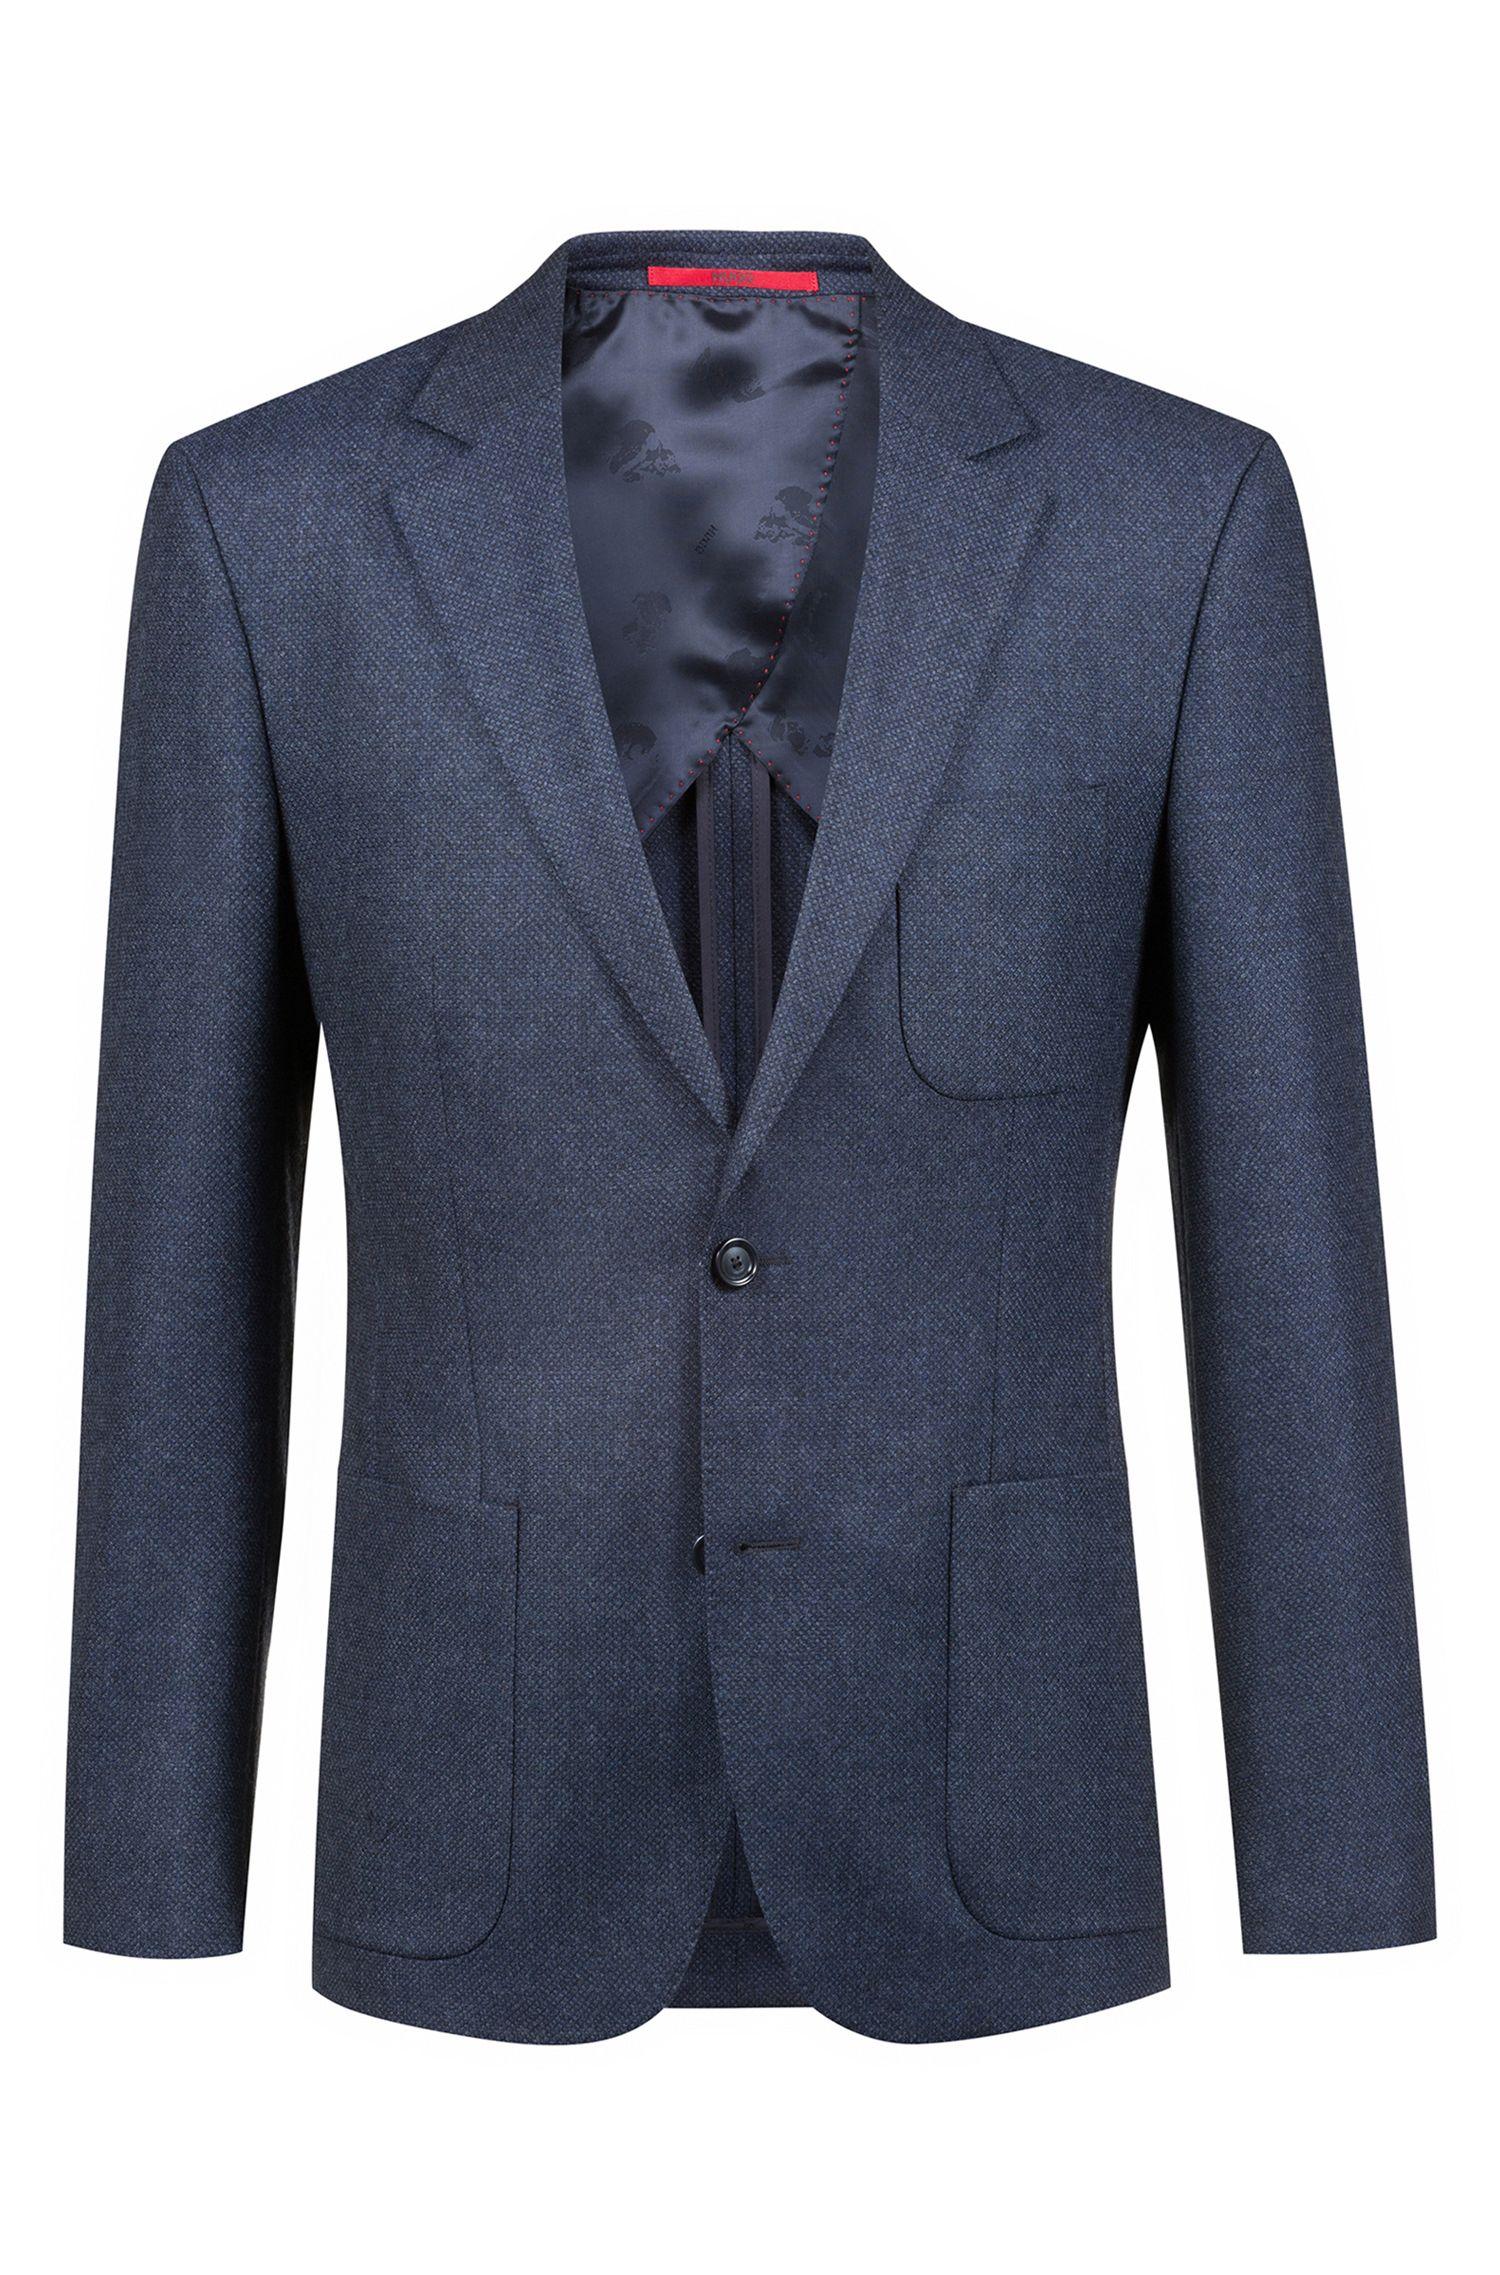 Giacca extra slim fit in lana vergine con microlavorazione